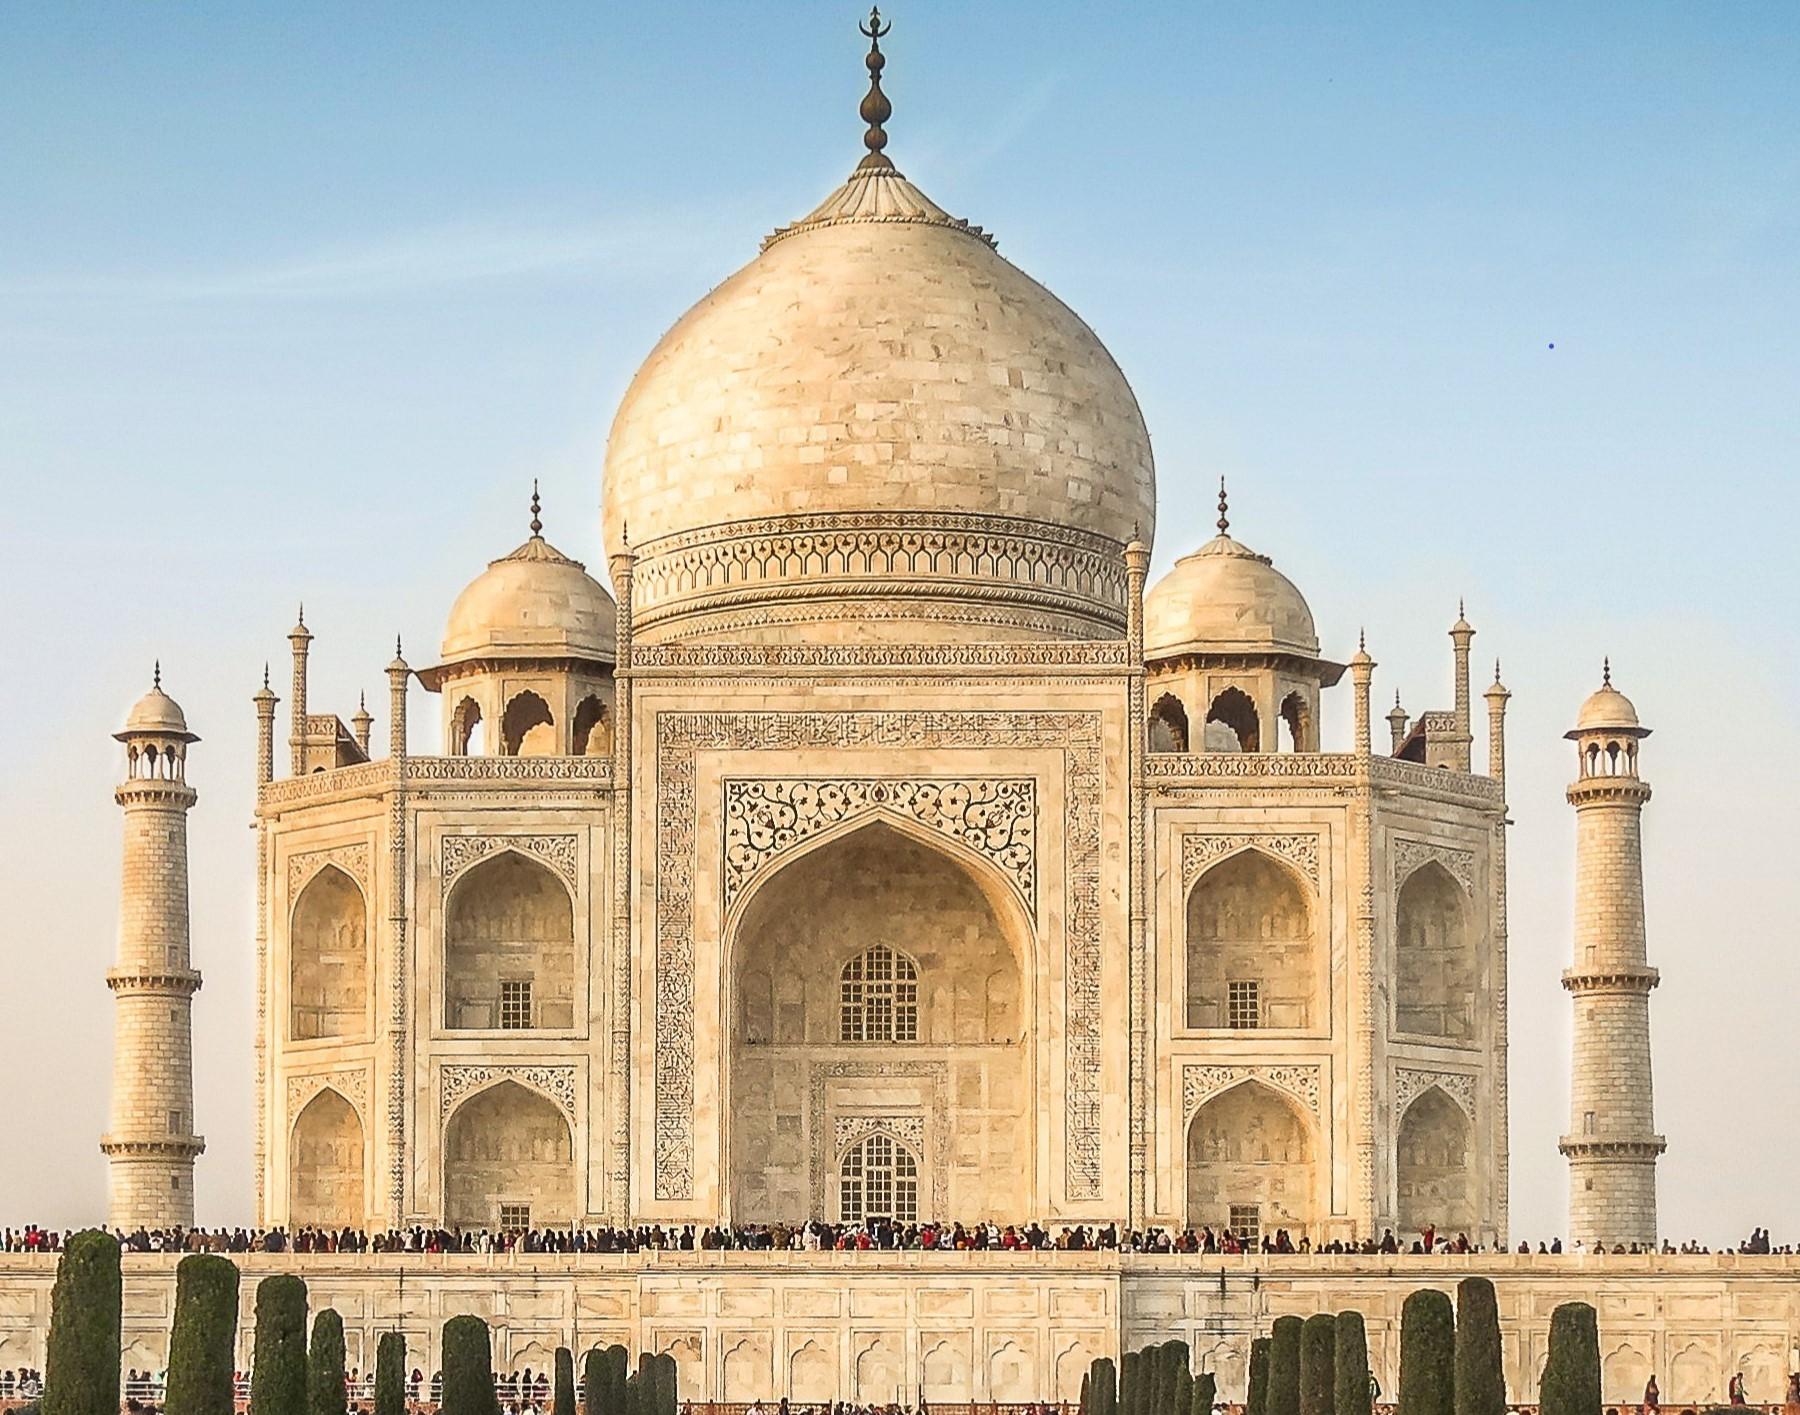 インド入国に必要なビザの取得手続きを解説!オンラインで簡単にできる方法も!